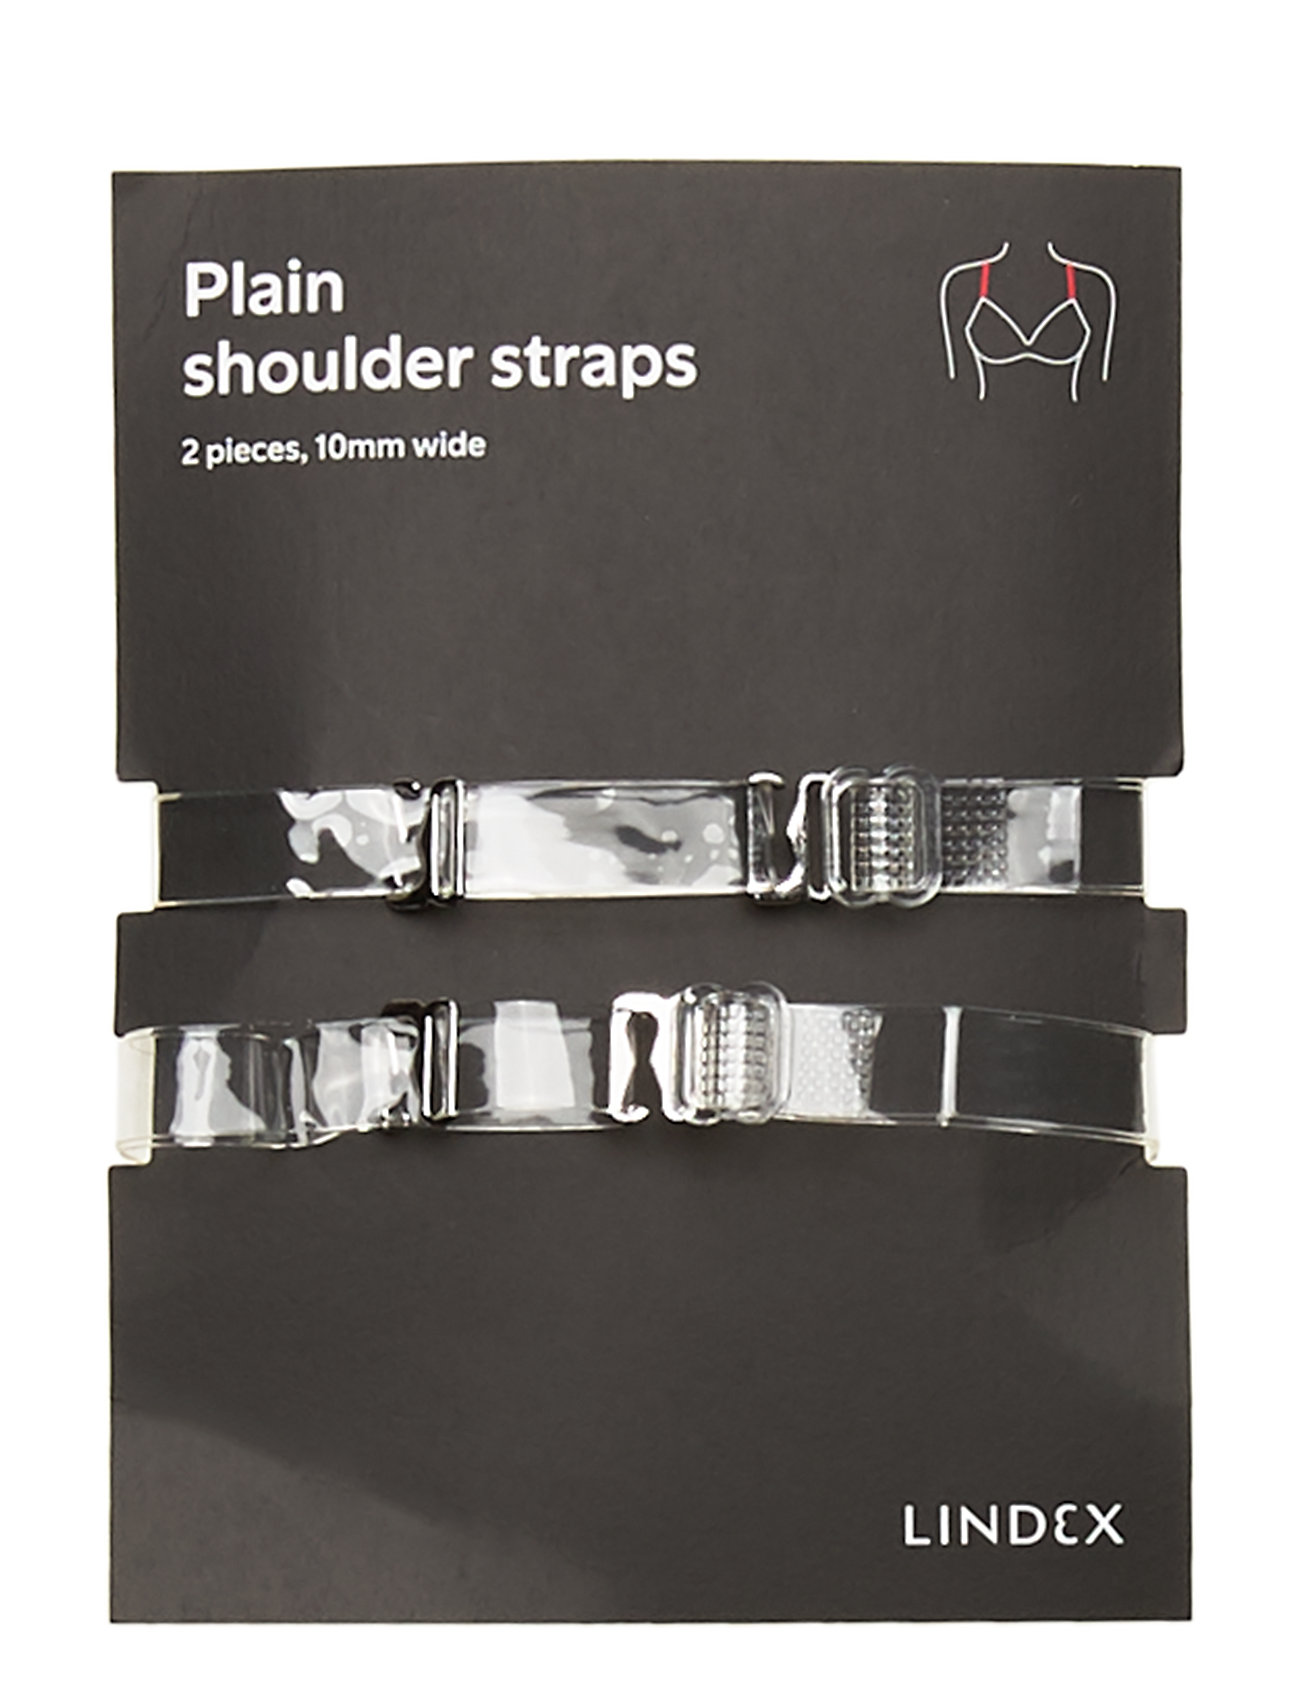 Lindex 10mm Plain plexi straps - TRANSPARENT